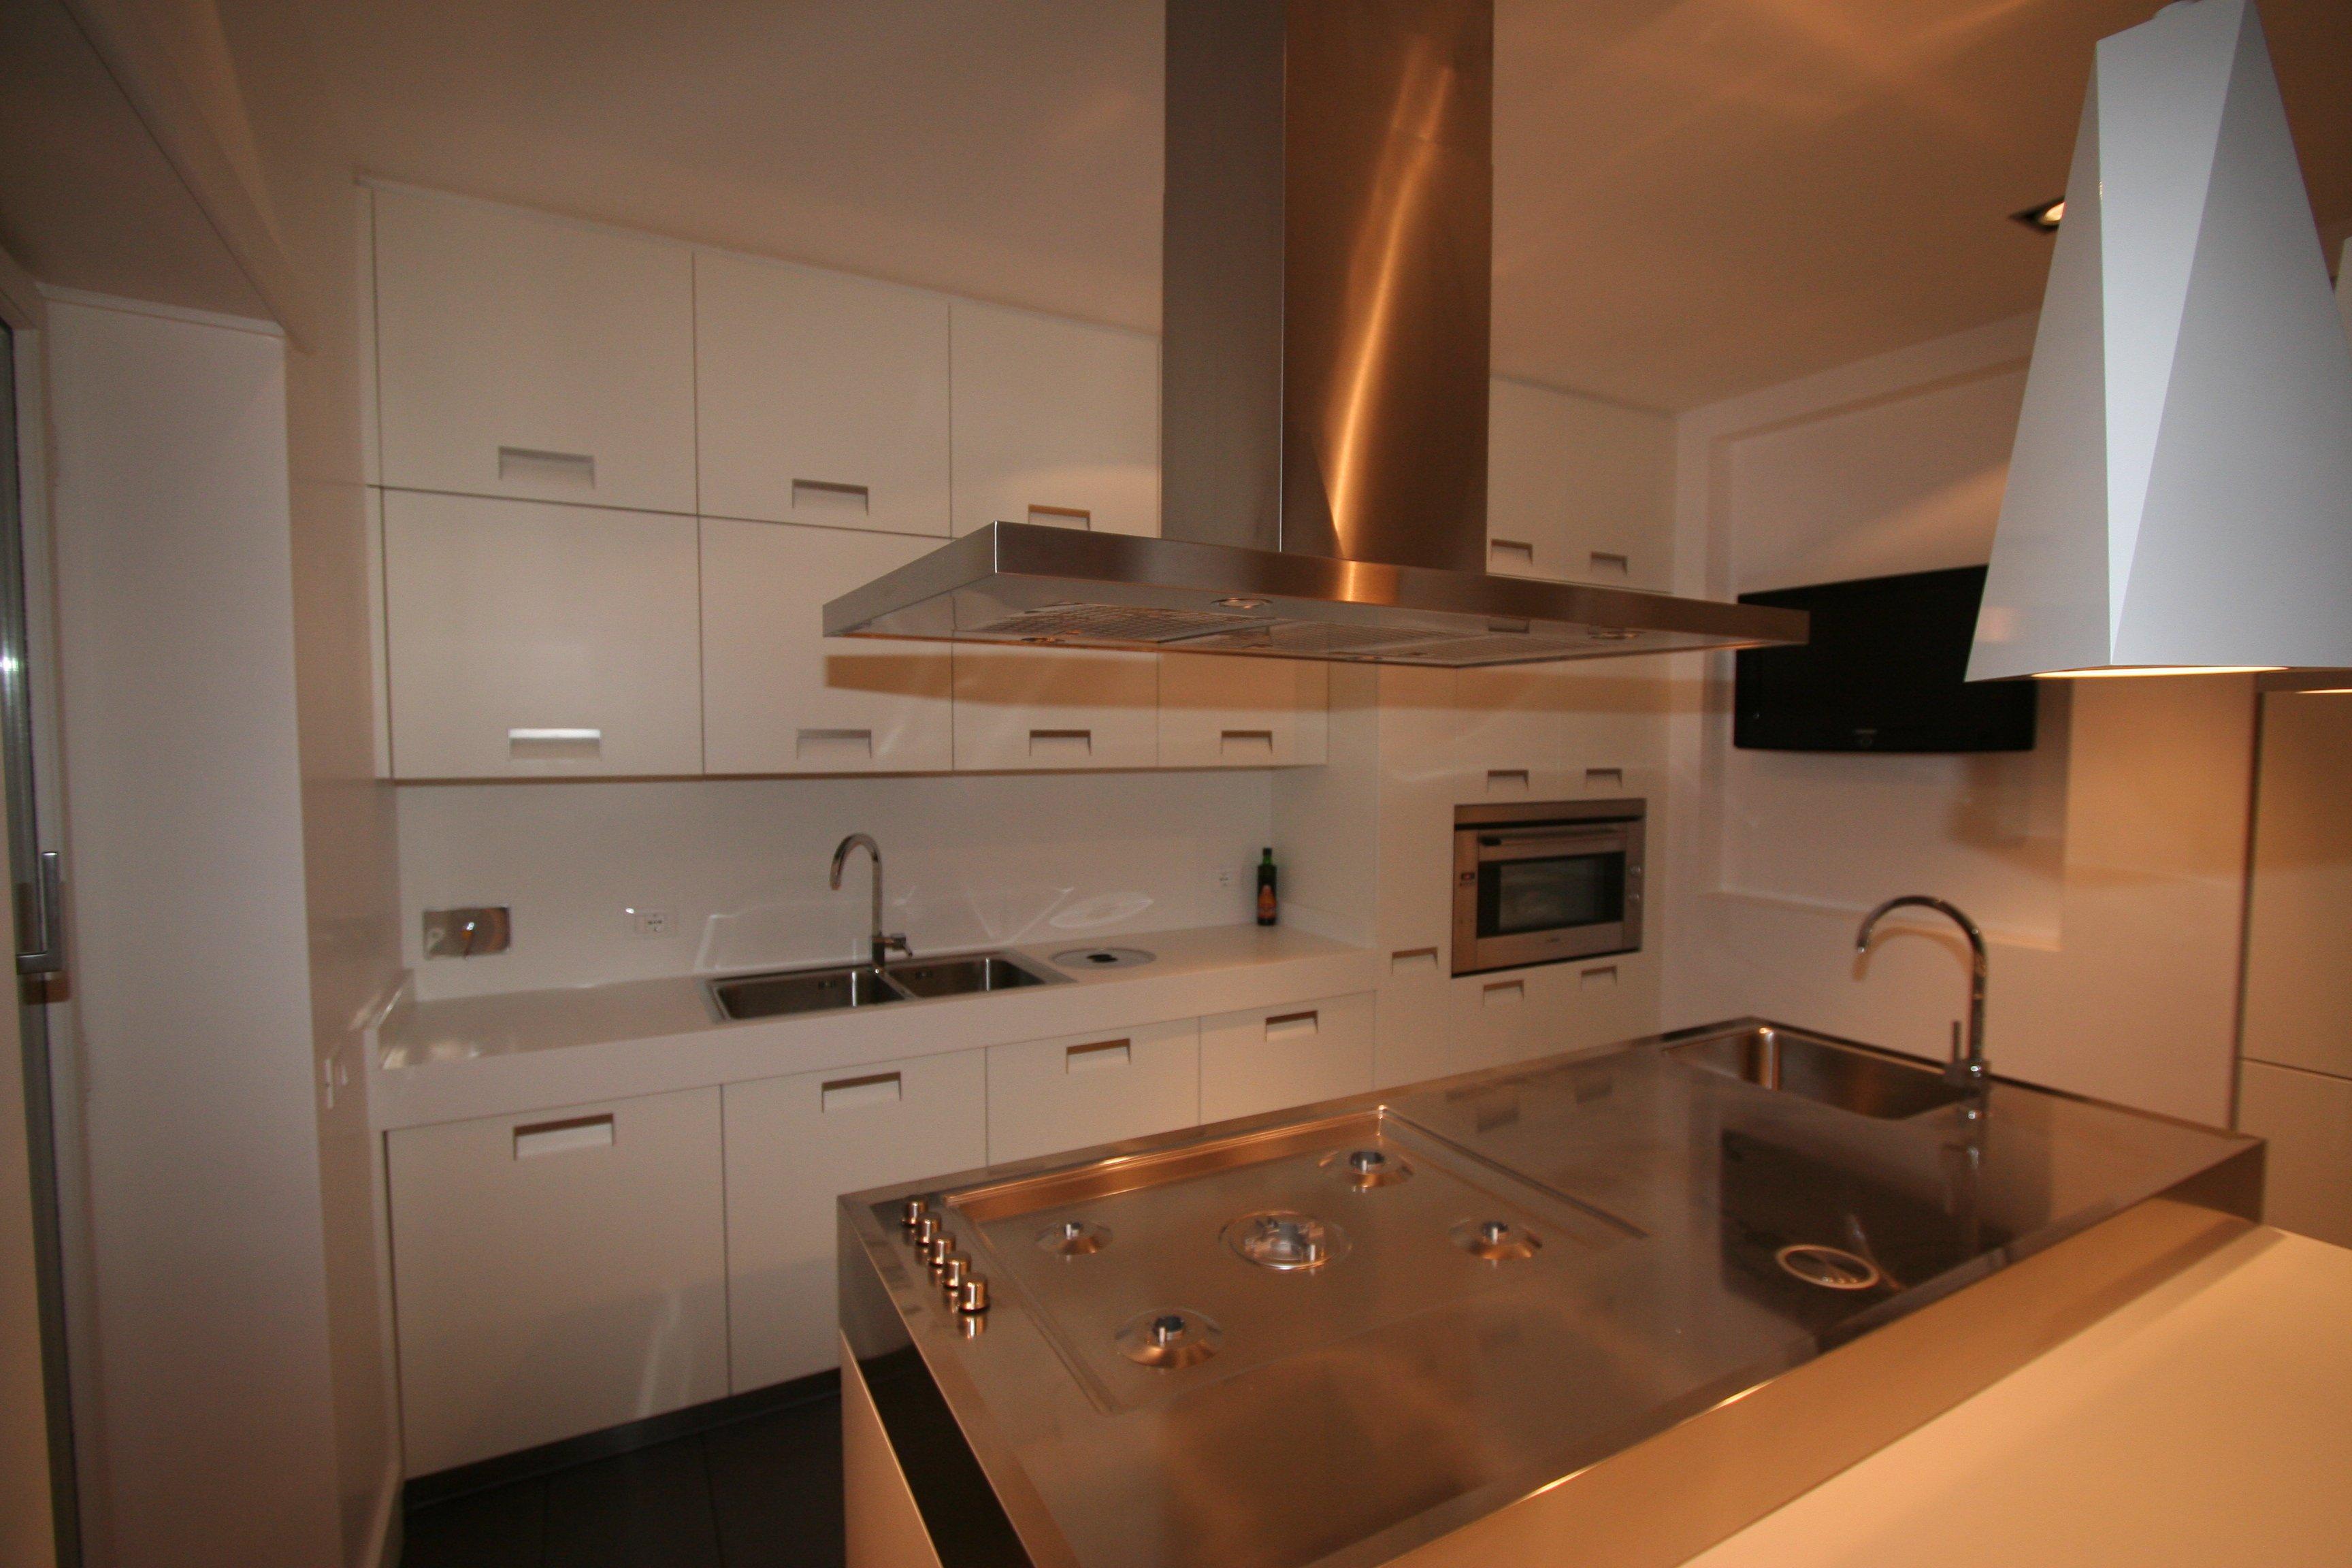 Image cucina foto 6 vista pensili perfetamente incassati con abassamento del controsoffitto - Controsoffitto cucina ...